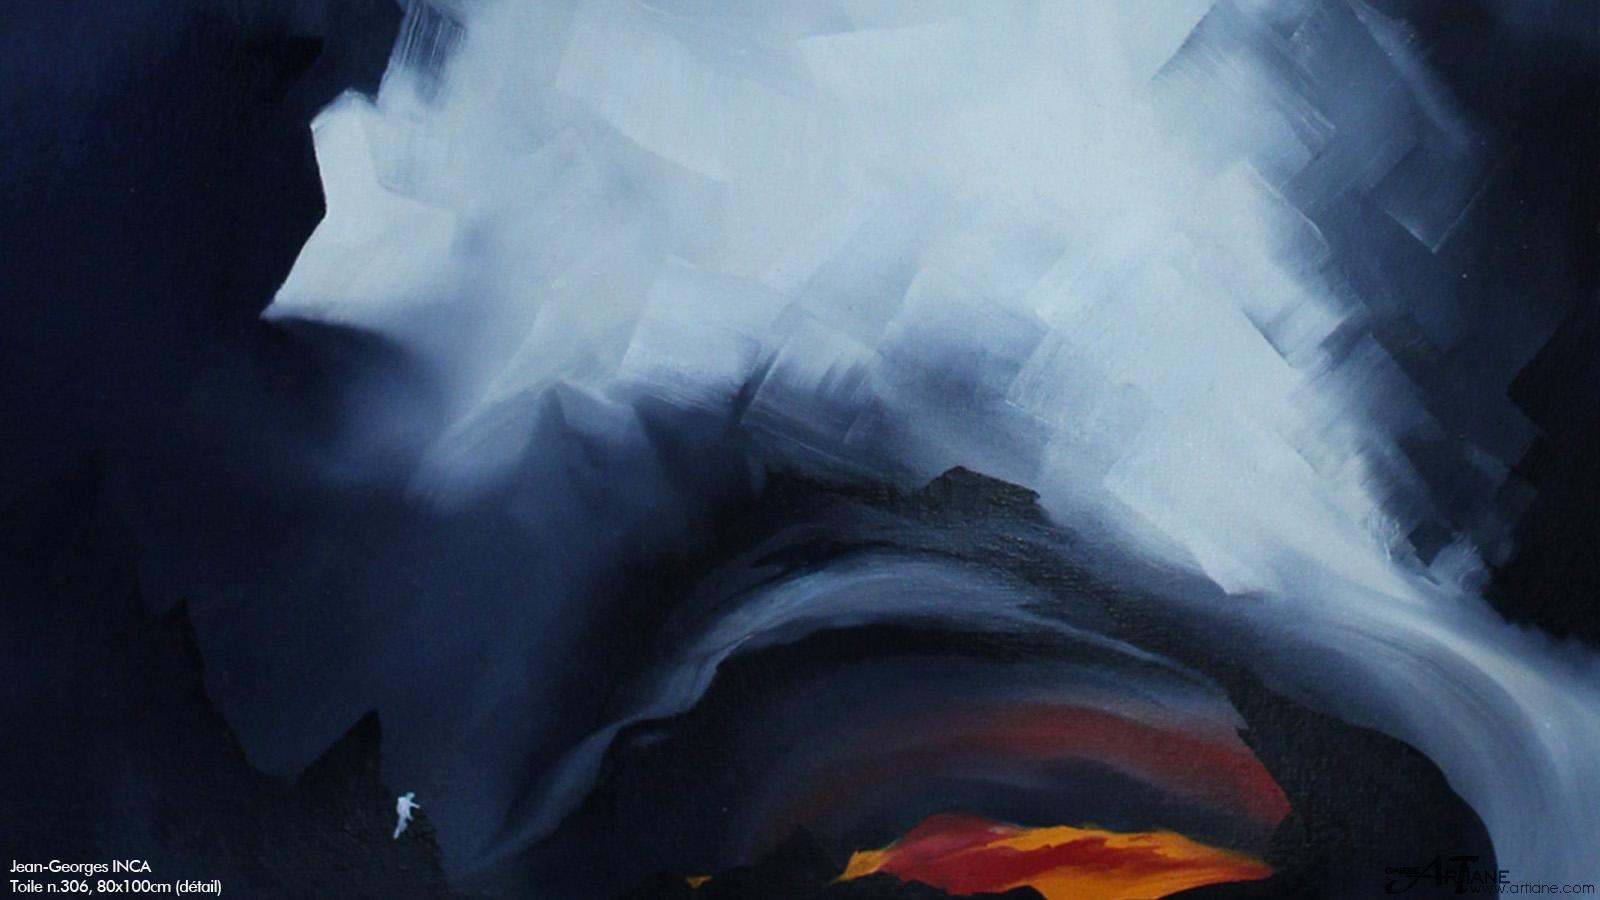 fond d'écran - Jean George Inca 01